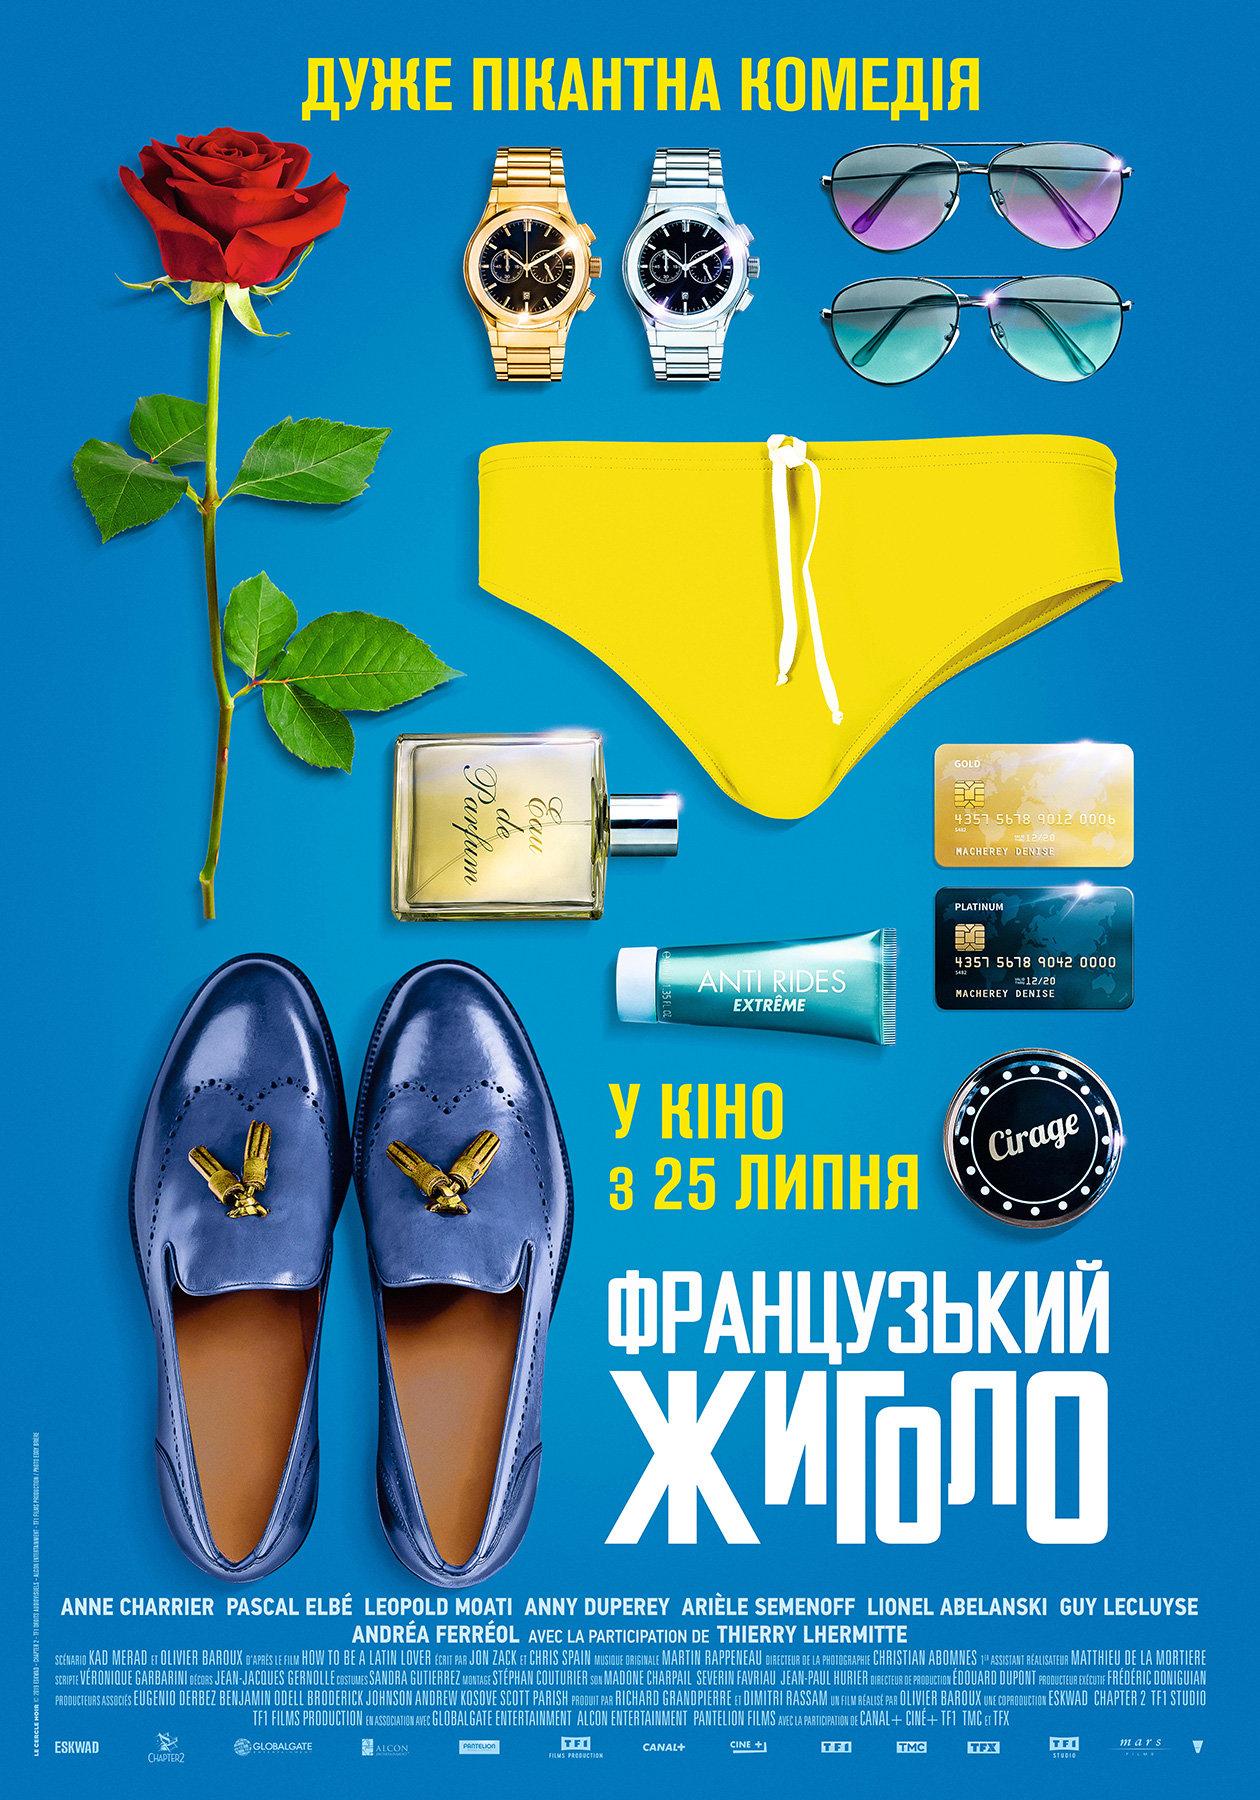 Какие фильмы выйдут в кинотеатрах Днепра, - ТРЕЙЛЕРЫ - 056.ua, фото-2